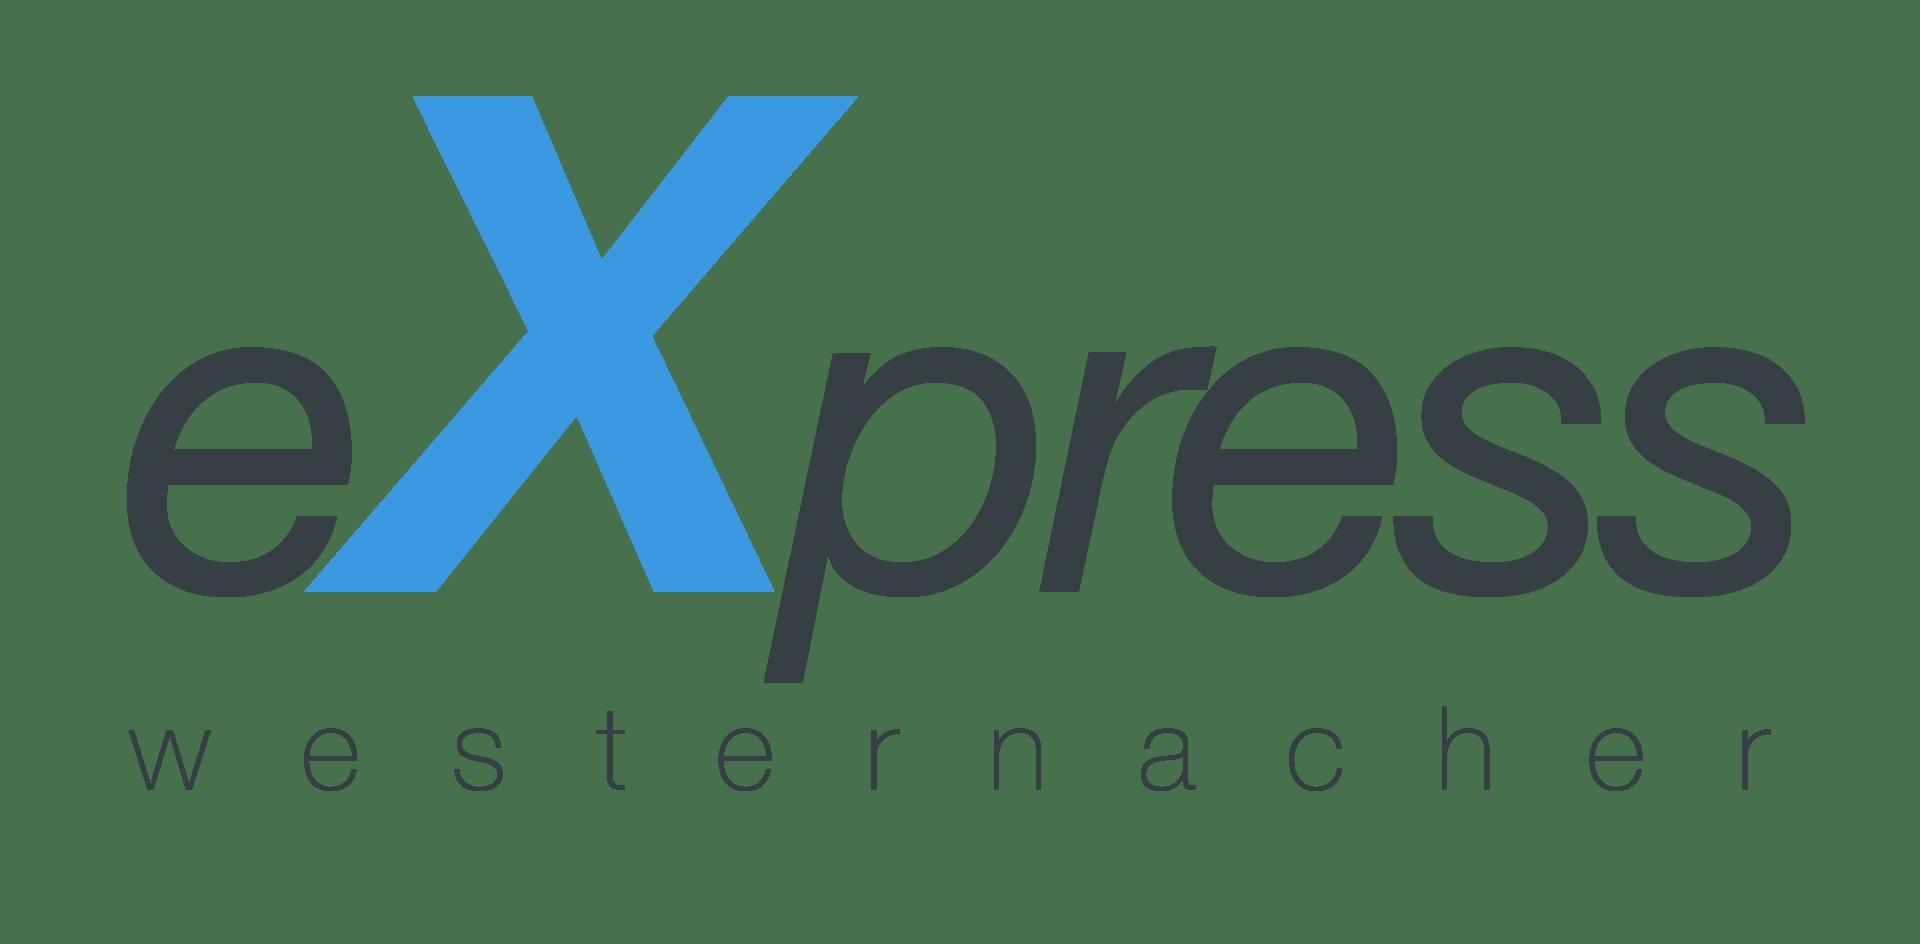 Westernacher eXpress